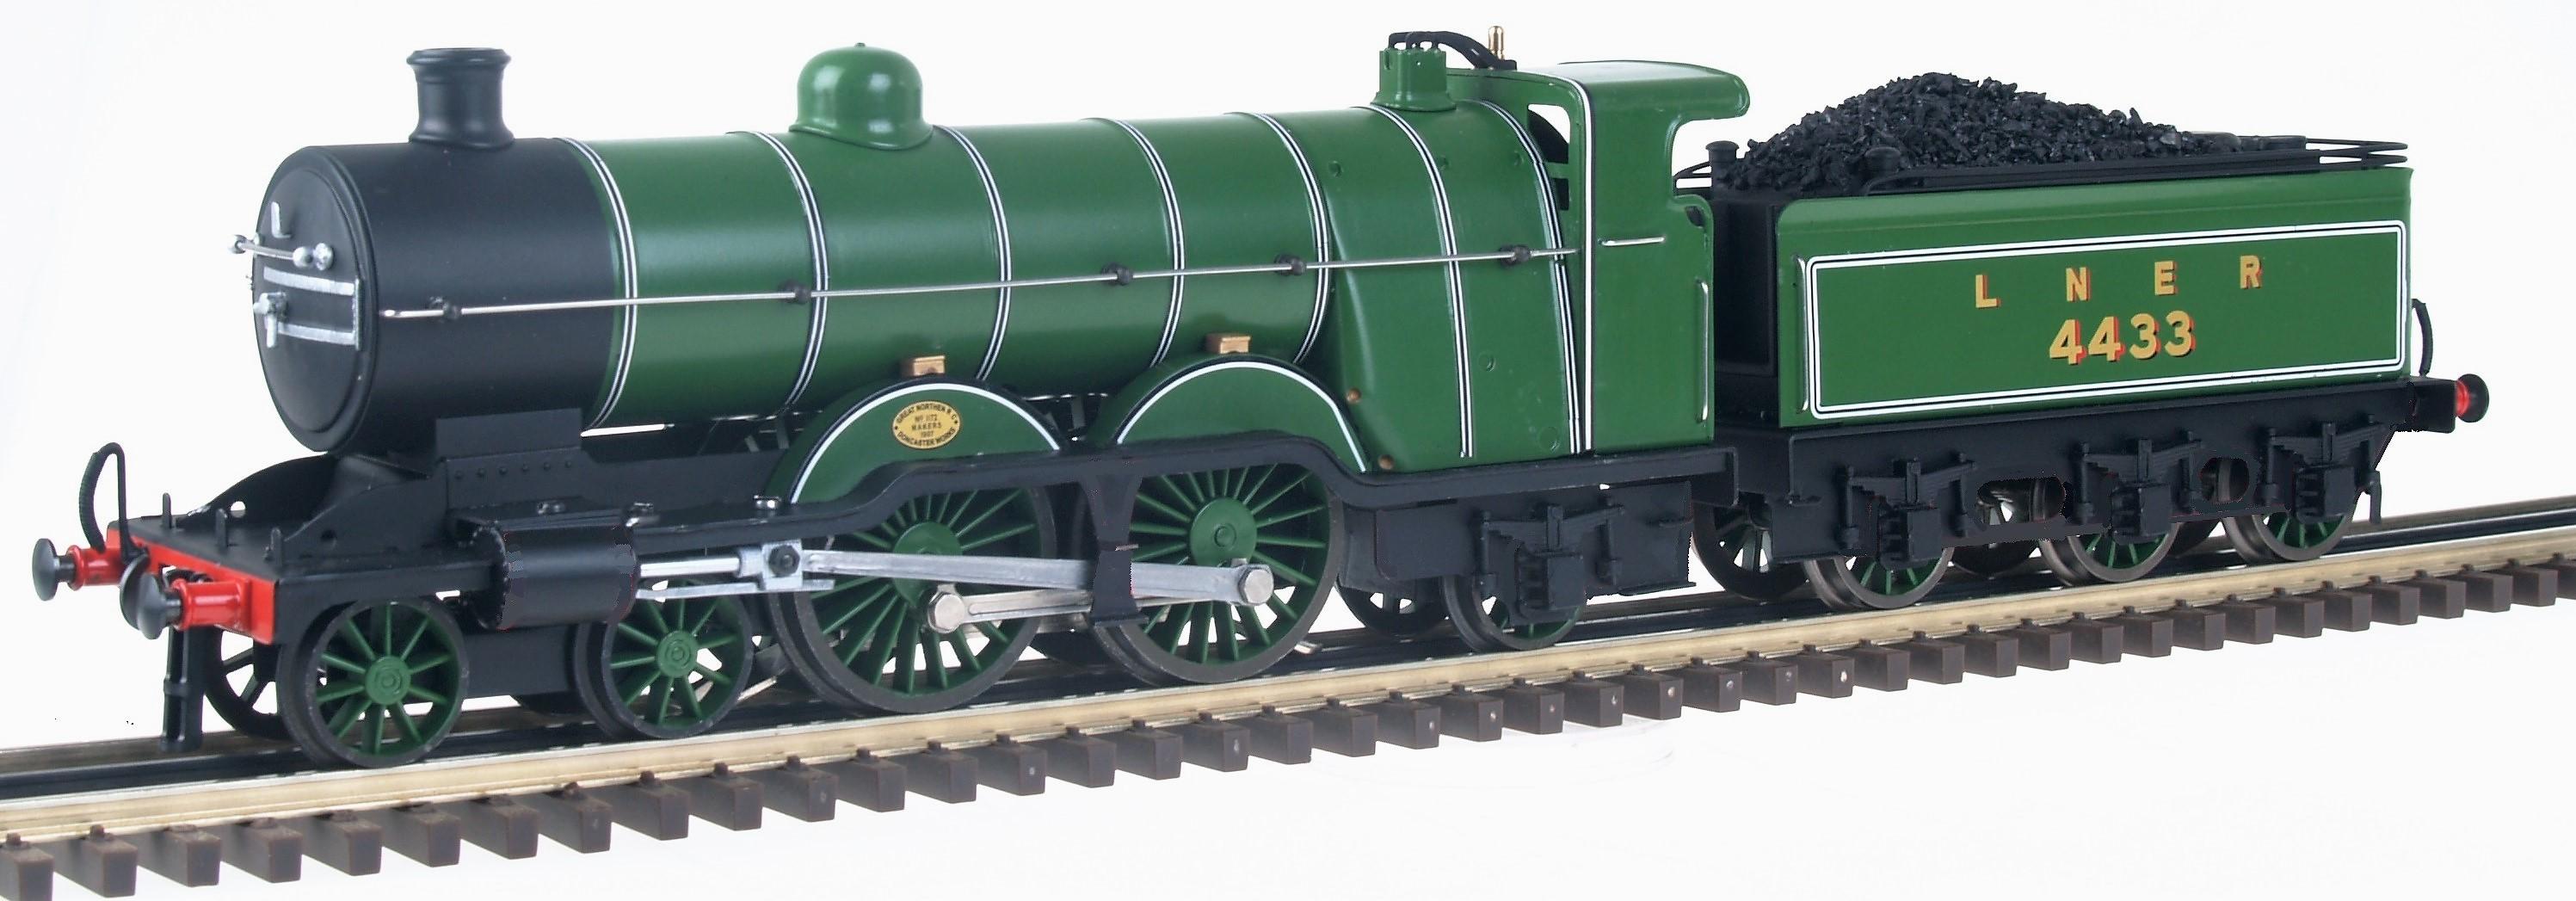 GNR/LNRER Ivatt Class C1 4-4-2 Atlantic